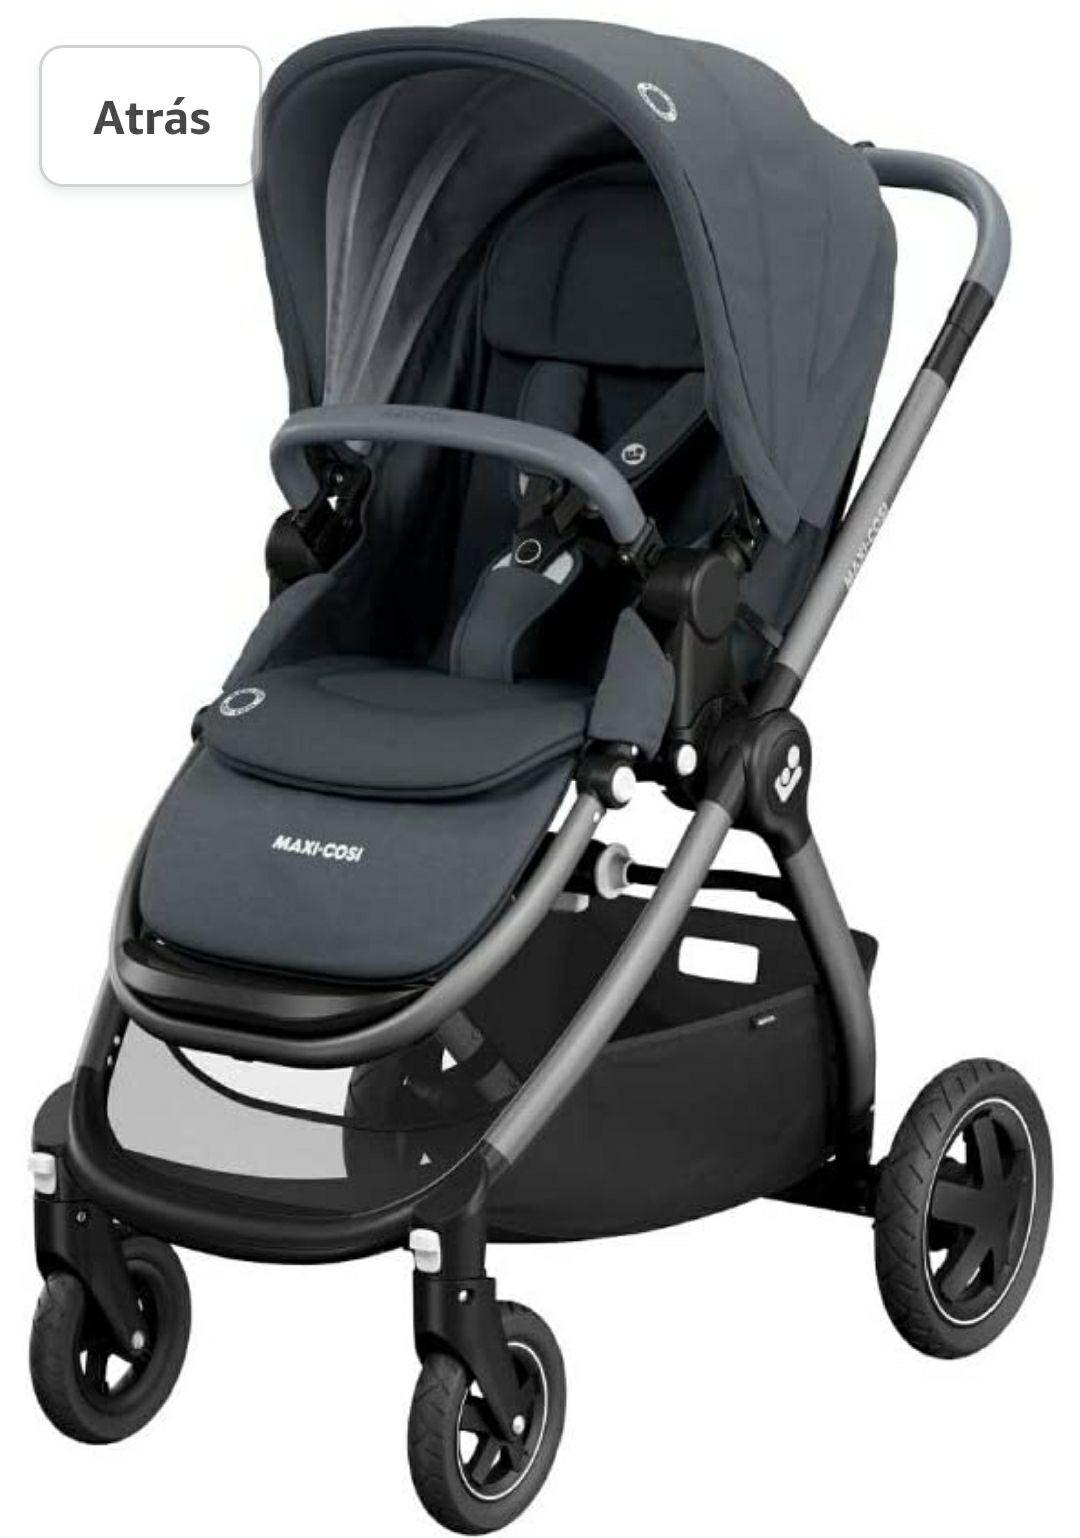 Maxi-Cosi Adorra Carrito bebé recién nacido hasta 3.5 años, cochecito plegable y reclinable color essential graphite